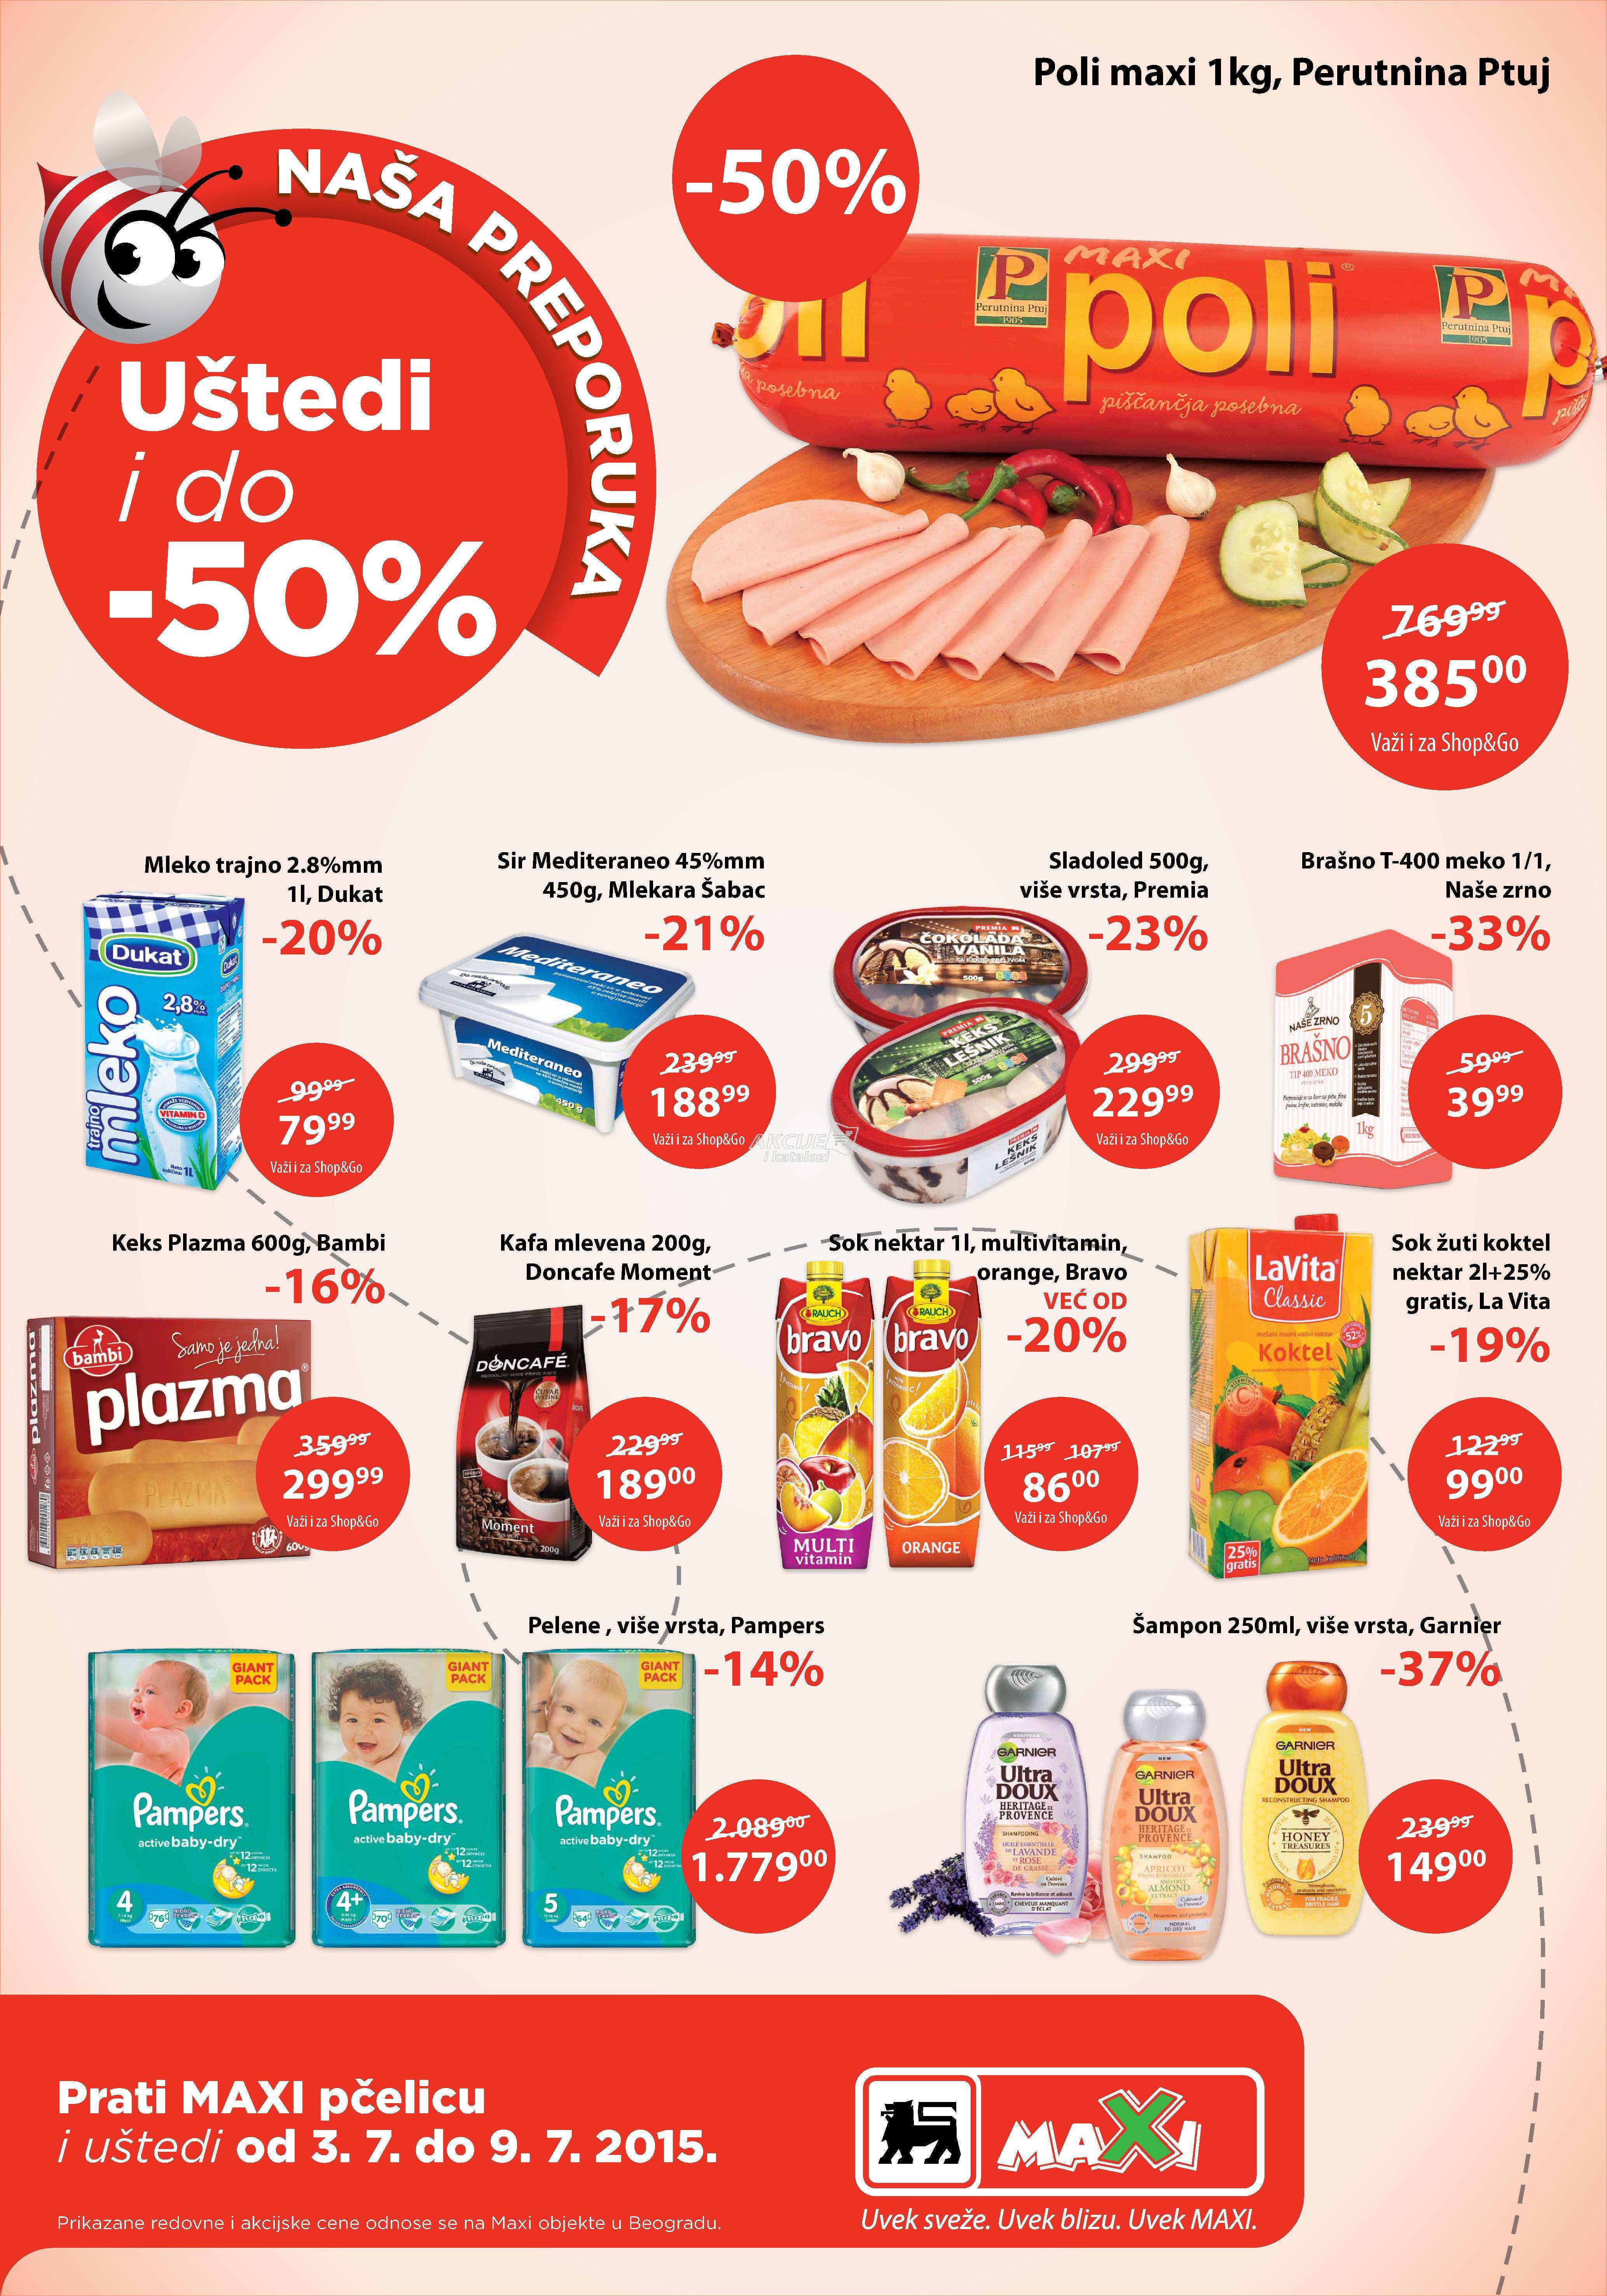 Maxi akcija nedeljna kupovina